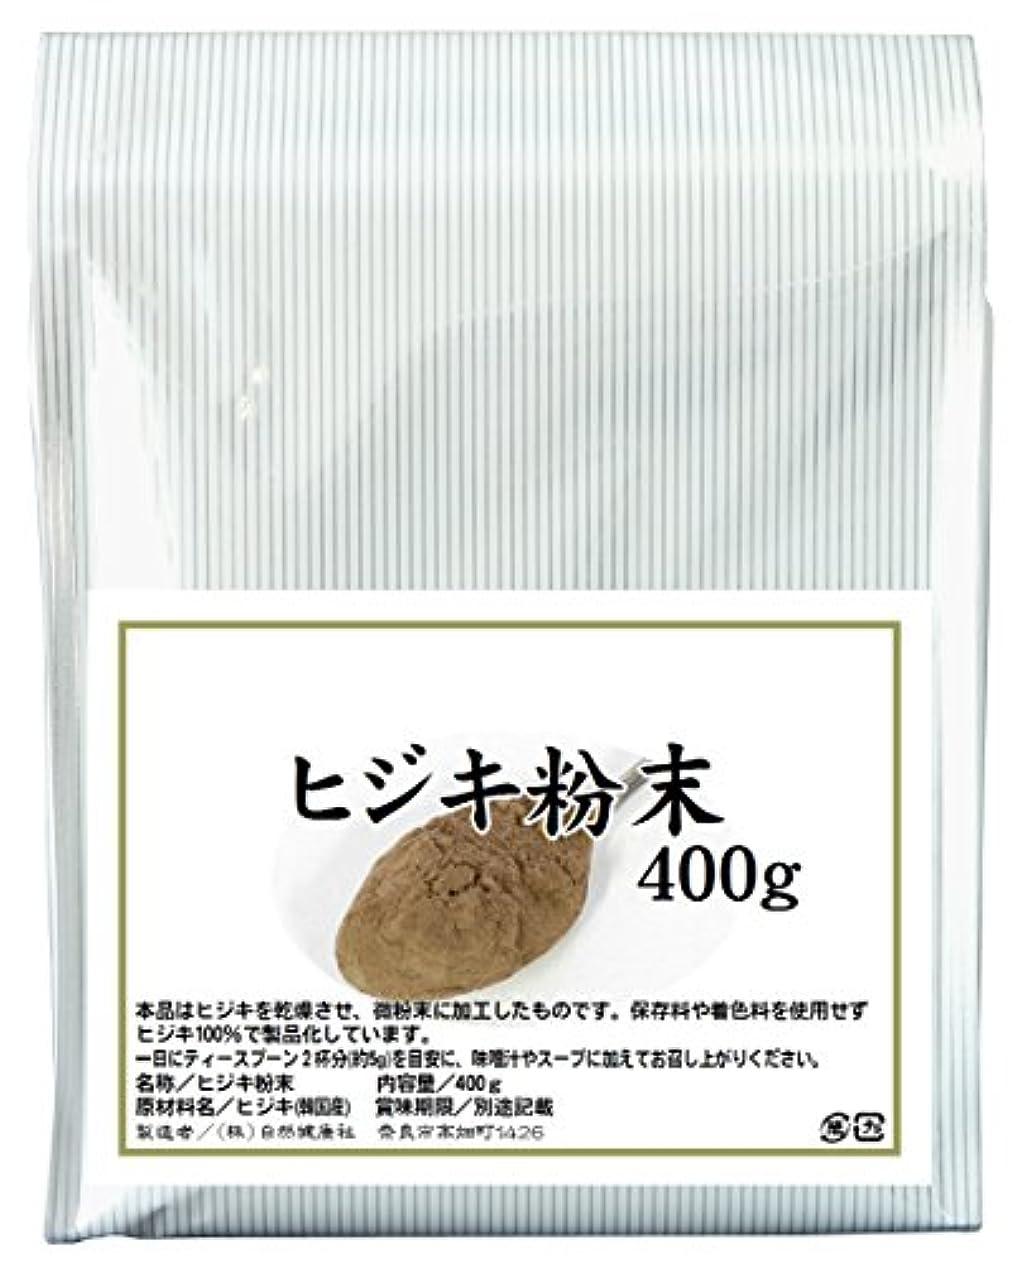 ドラッグ広告するサロン自然健康社 ヒジキ粉末 400g アルミ袋入り